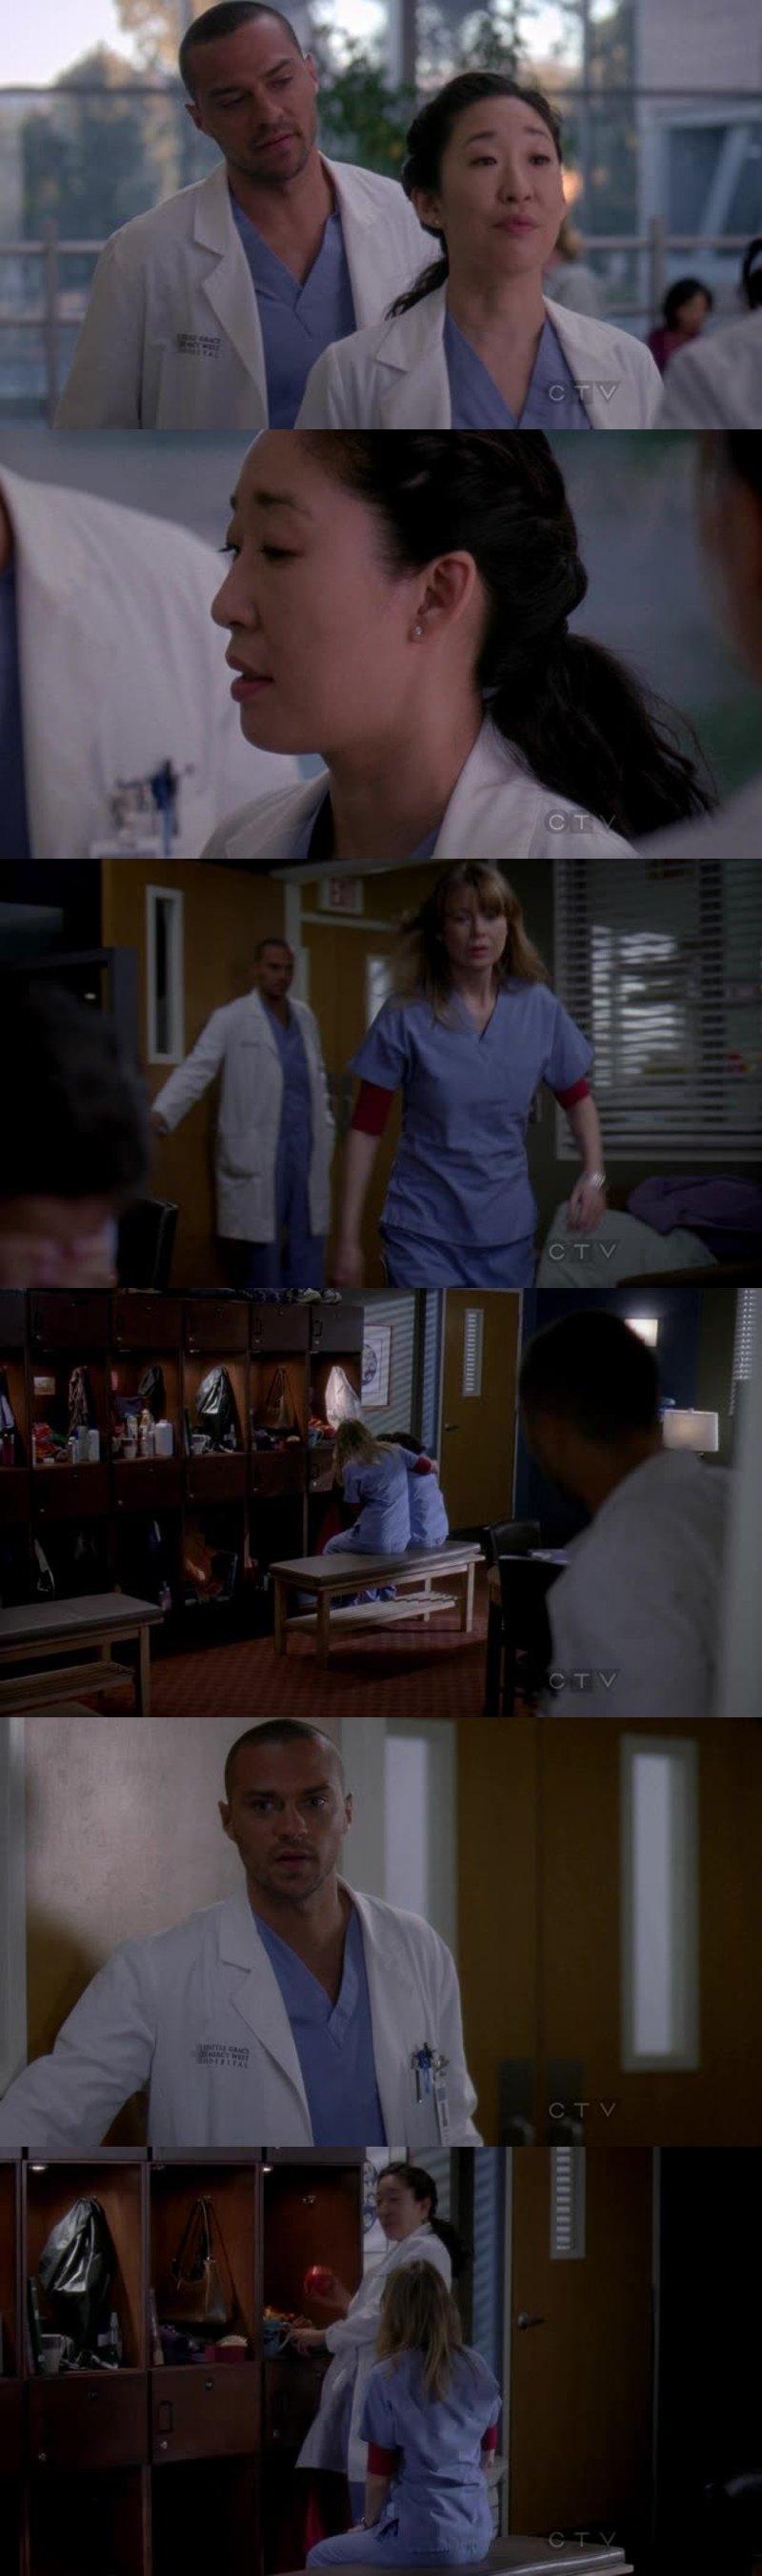 Cristina ñ vale nada...😂😂😂😂 Agora sim ela voltou totalmente..🙌